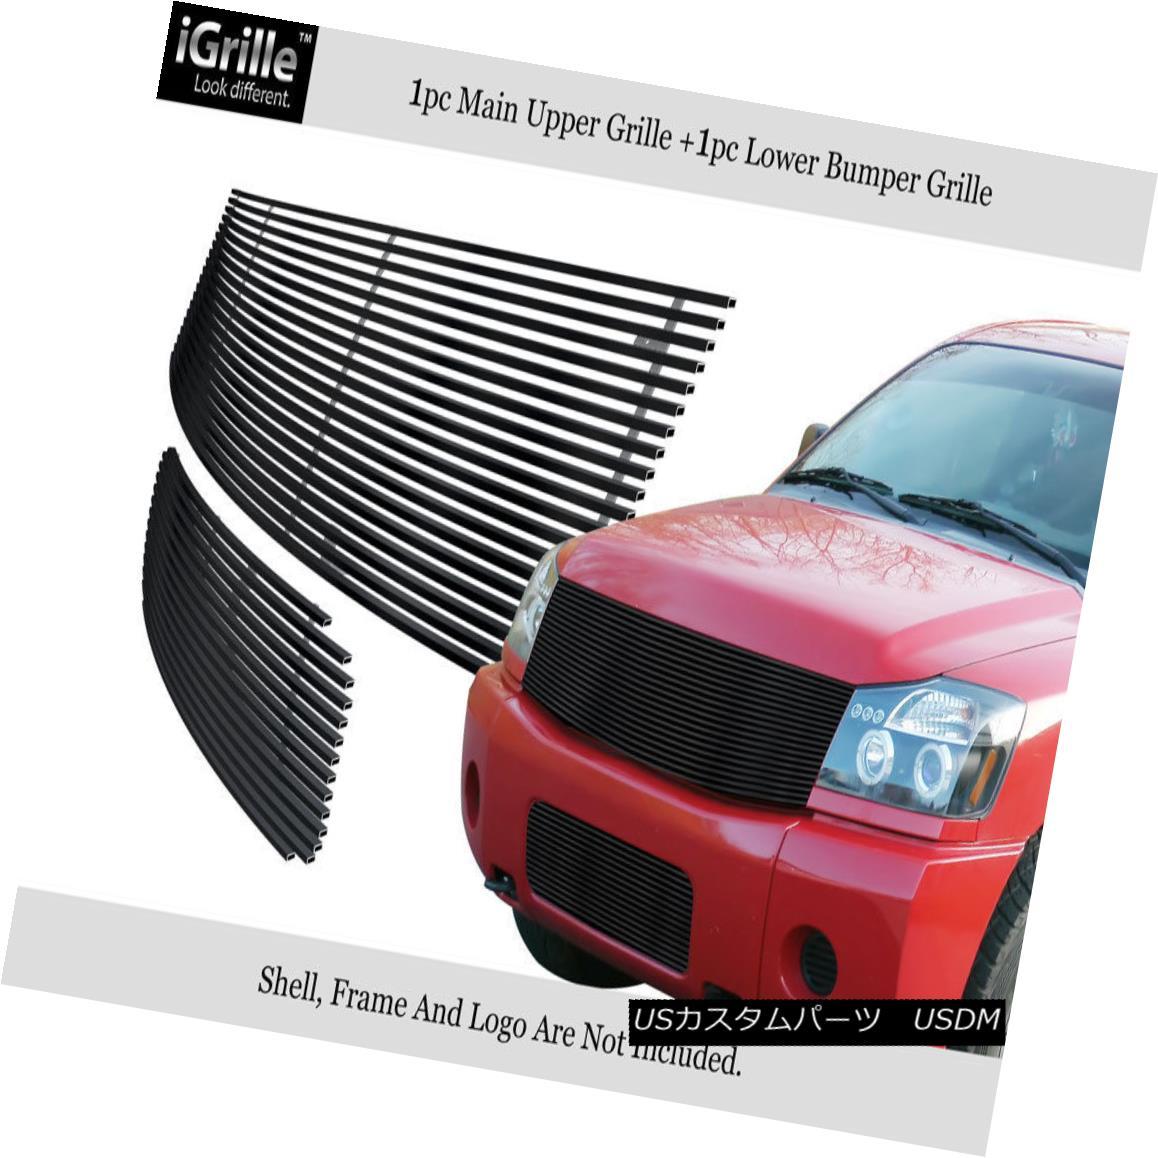 グリル For 2004-2007 Nissan Titan/Armada Black Stainless Steel Billet Grille Combo 2004-2007 Nissan Titan / Armada Blackステンレス鋼ビレットグリルコンボ用